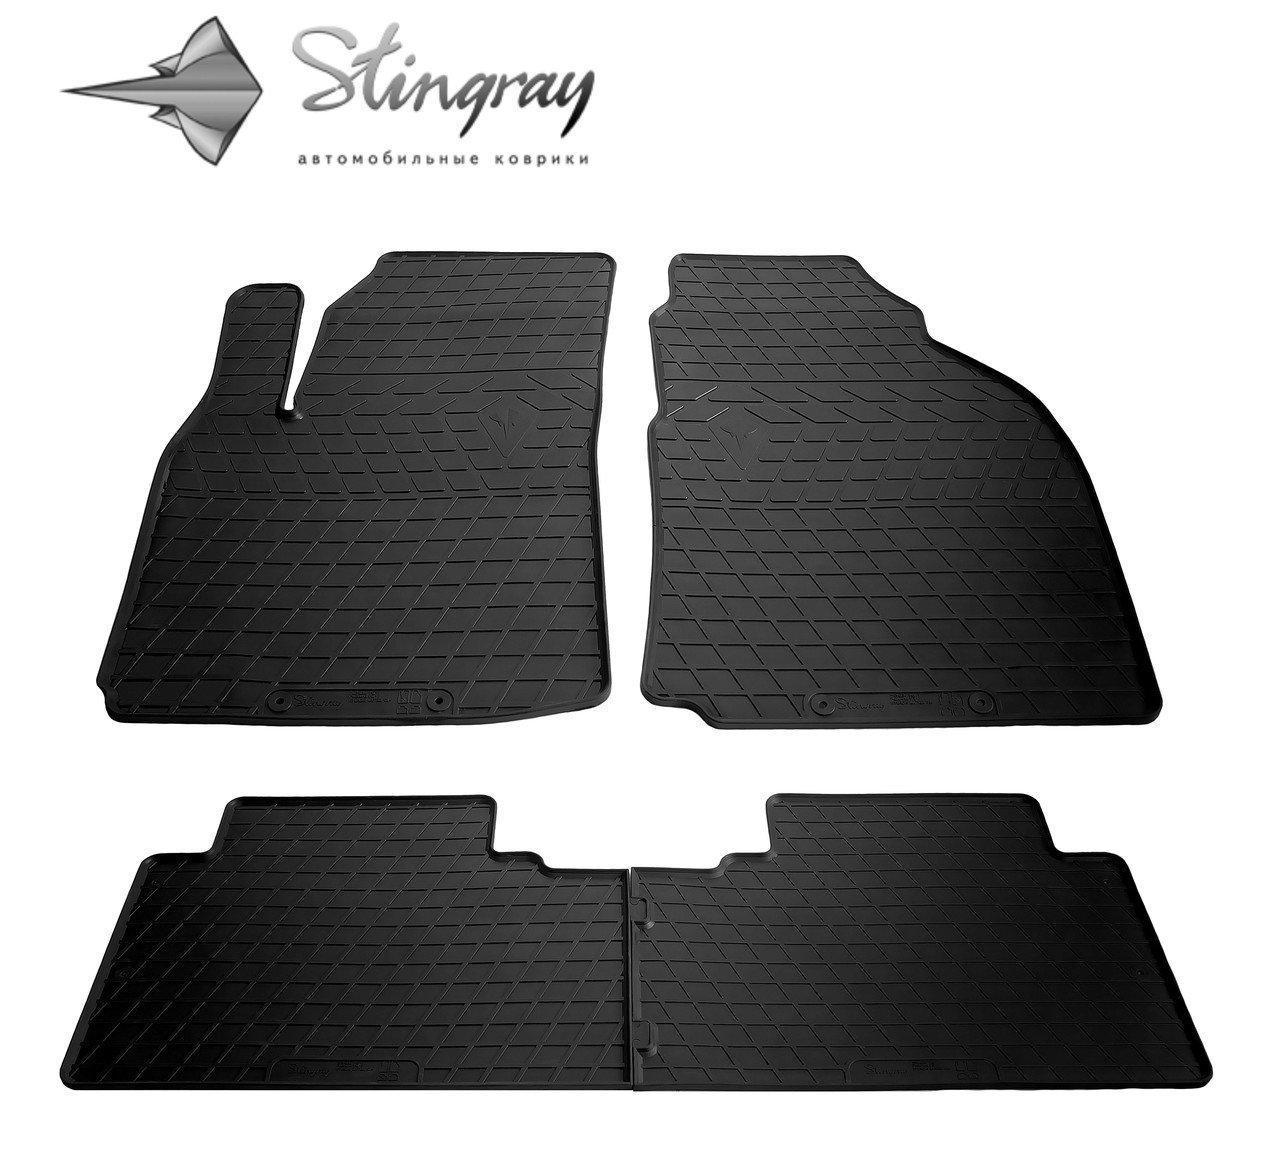 Автомобильные коврики Hyundai Matrix 2001-2010 Stingray